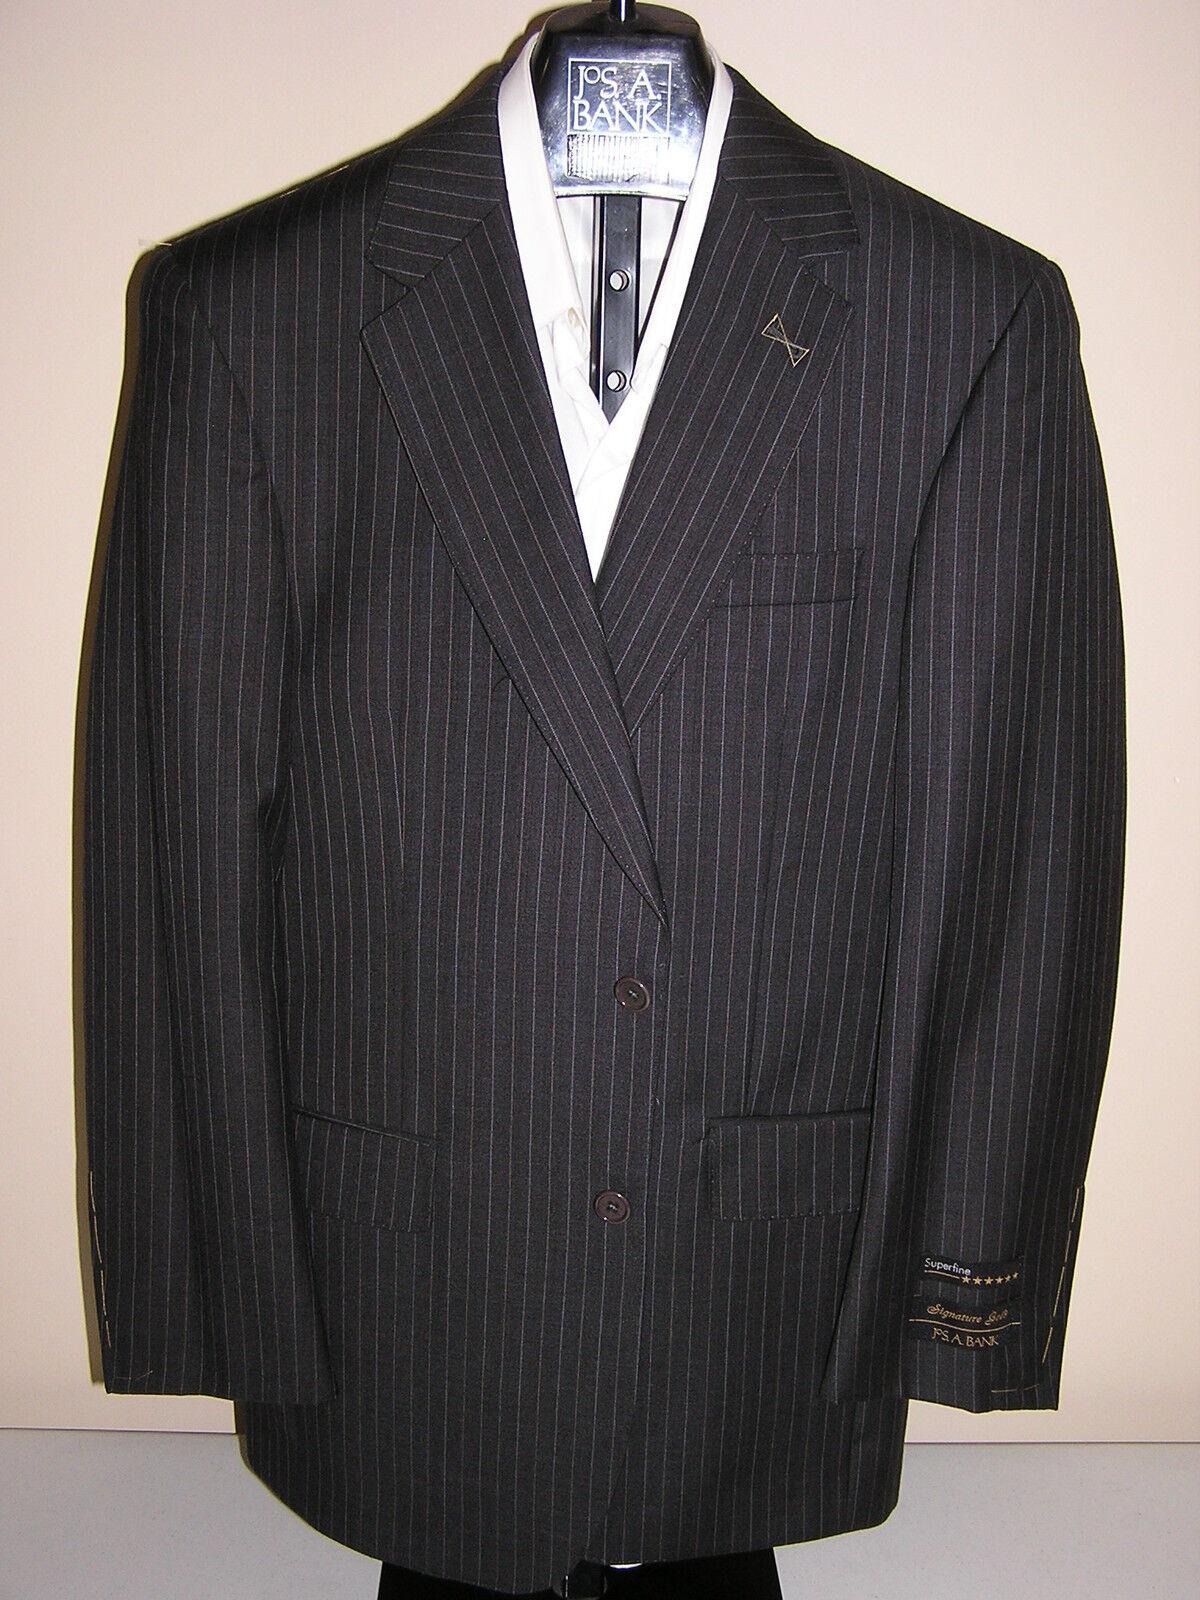 1295 new Jos A Bank Signature Gold  Grau stripe pattern 2 button suit 40 L 34 W